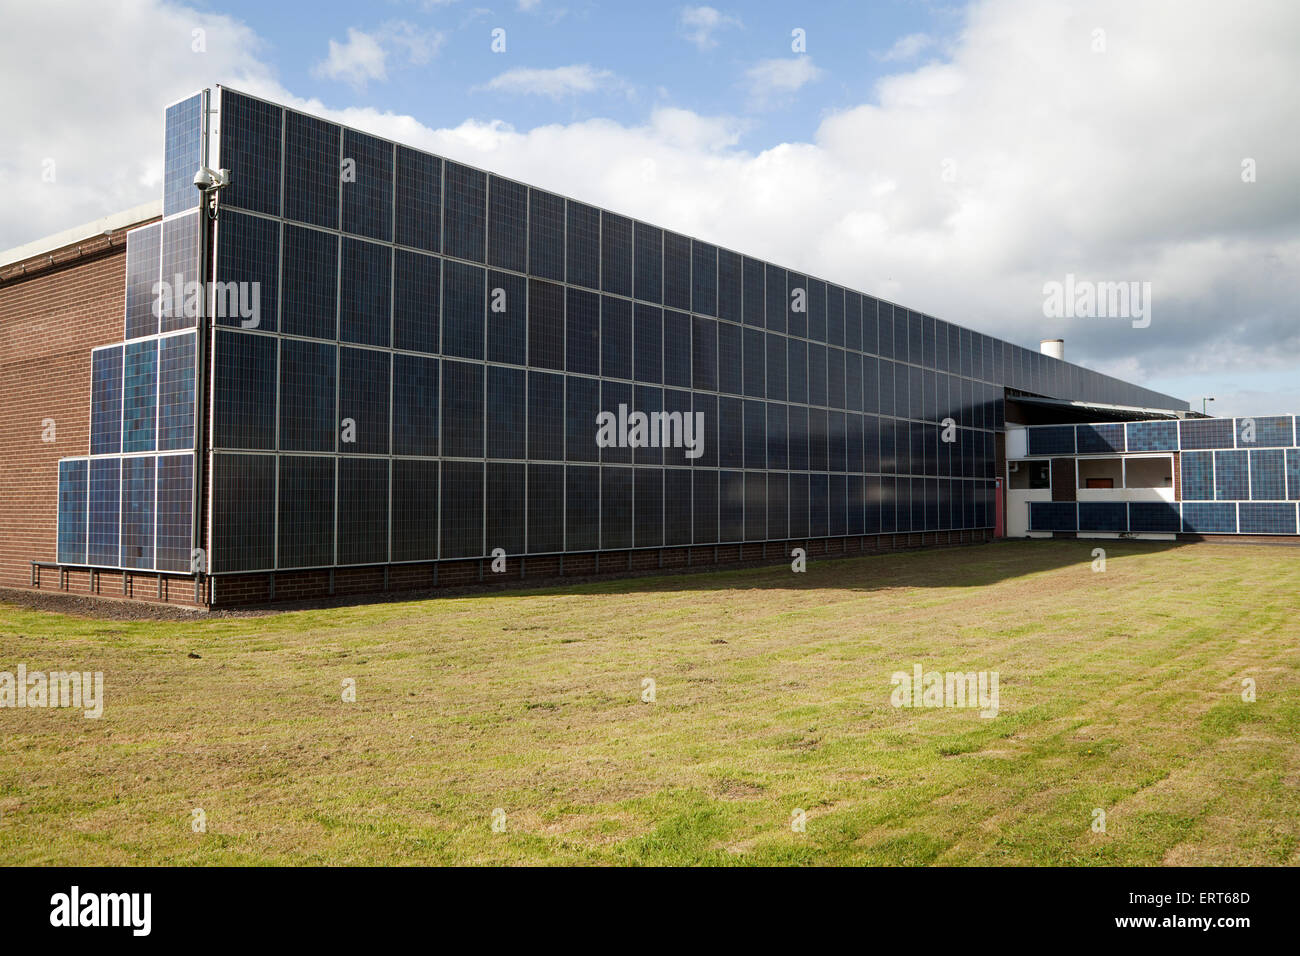 Edificio de oficinas revestida en paneles solares Imagen De Stock